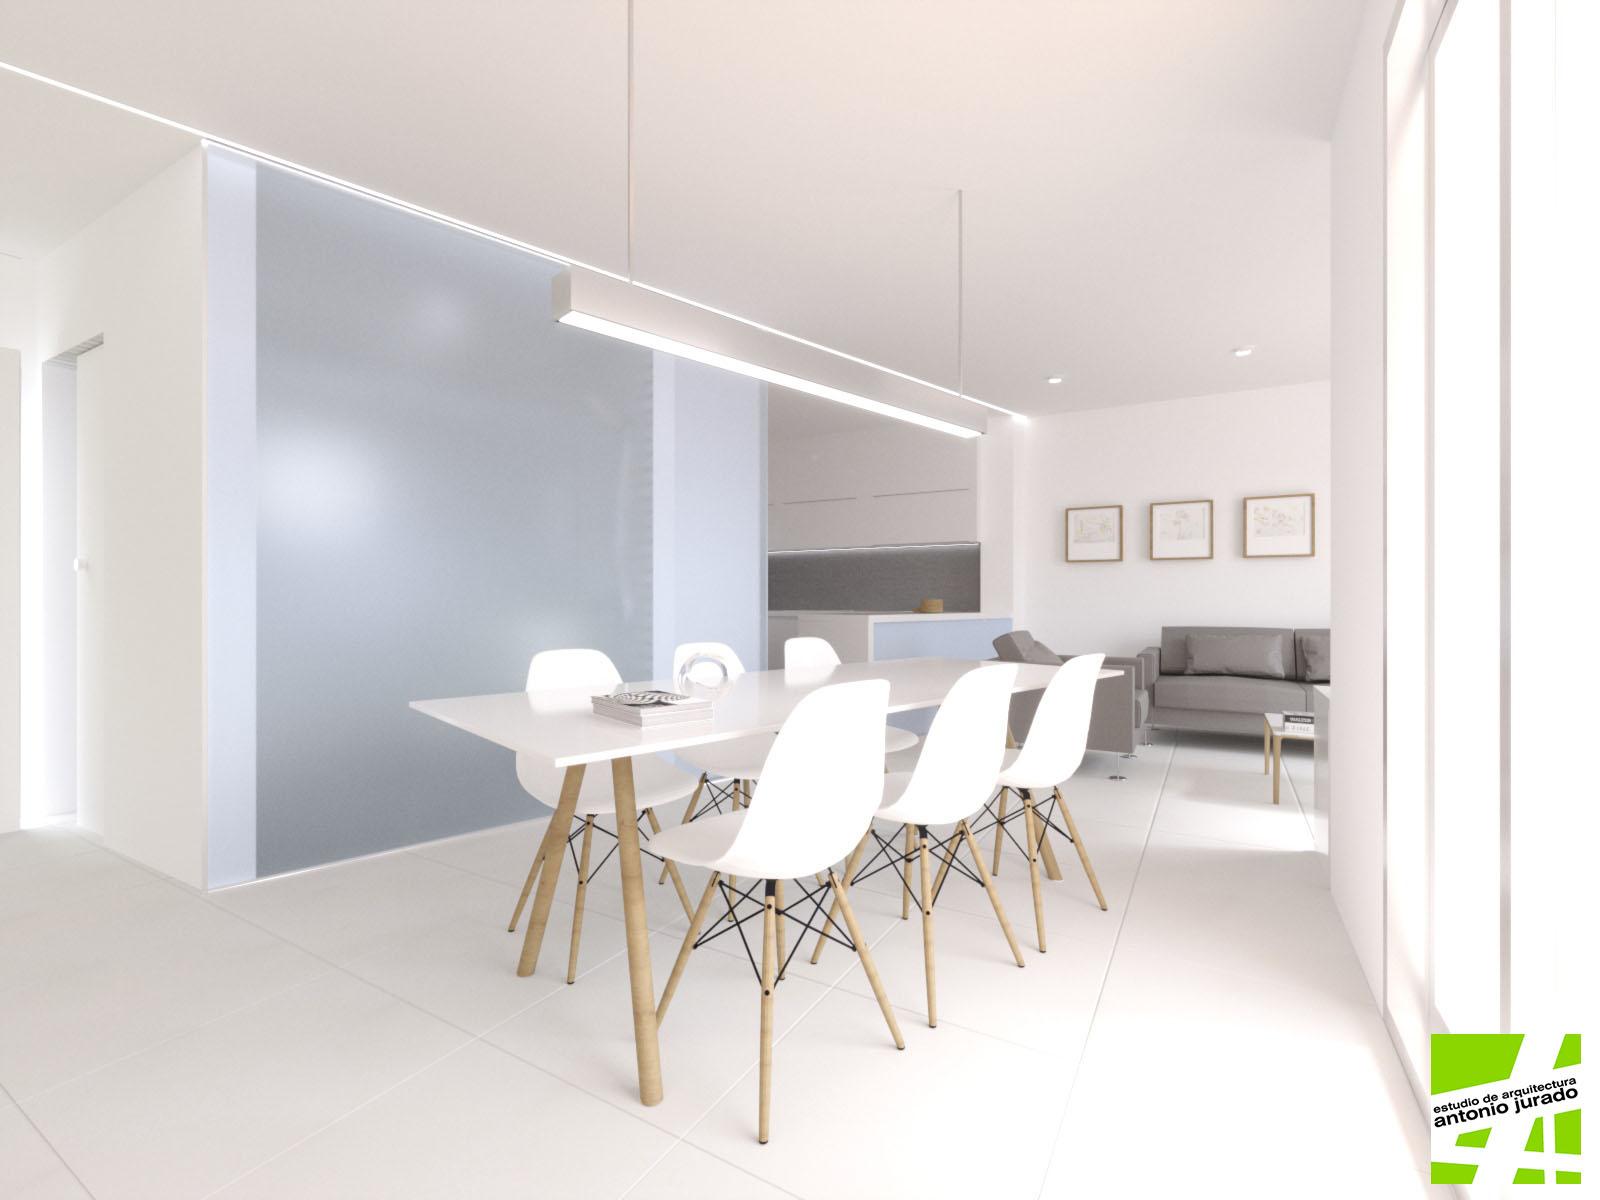 apartamento-mj-reforma-urbanizacion-torrox-park-torrox-malaga-antonio-jurado-arquitecto-01